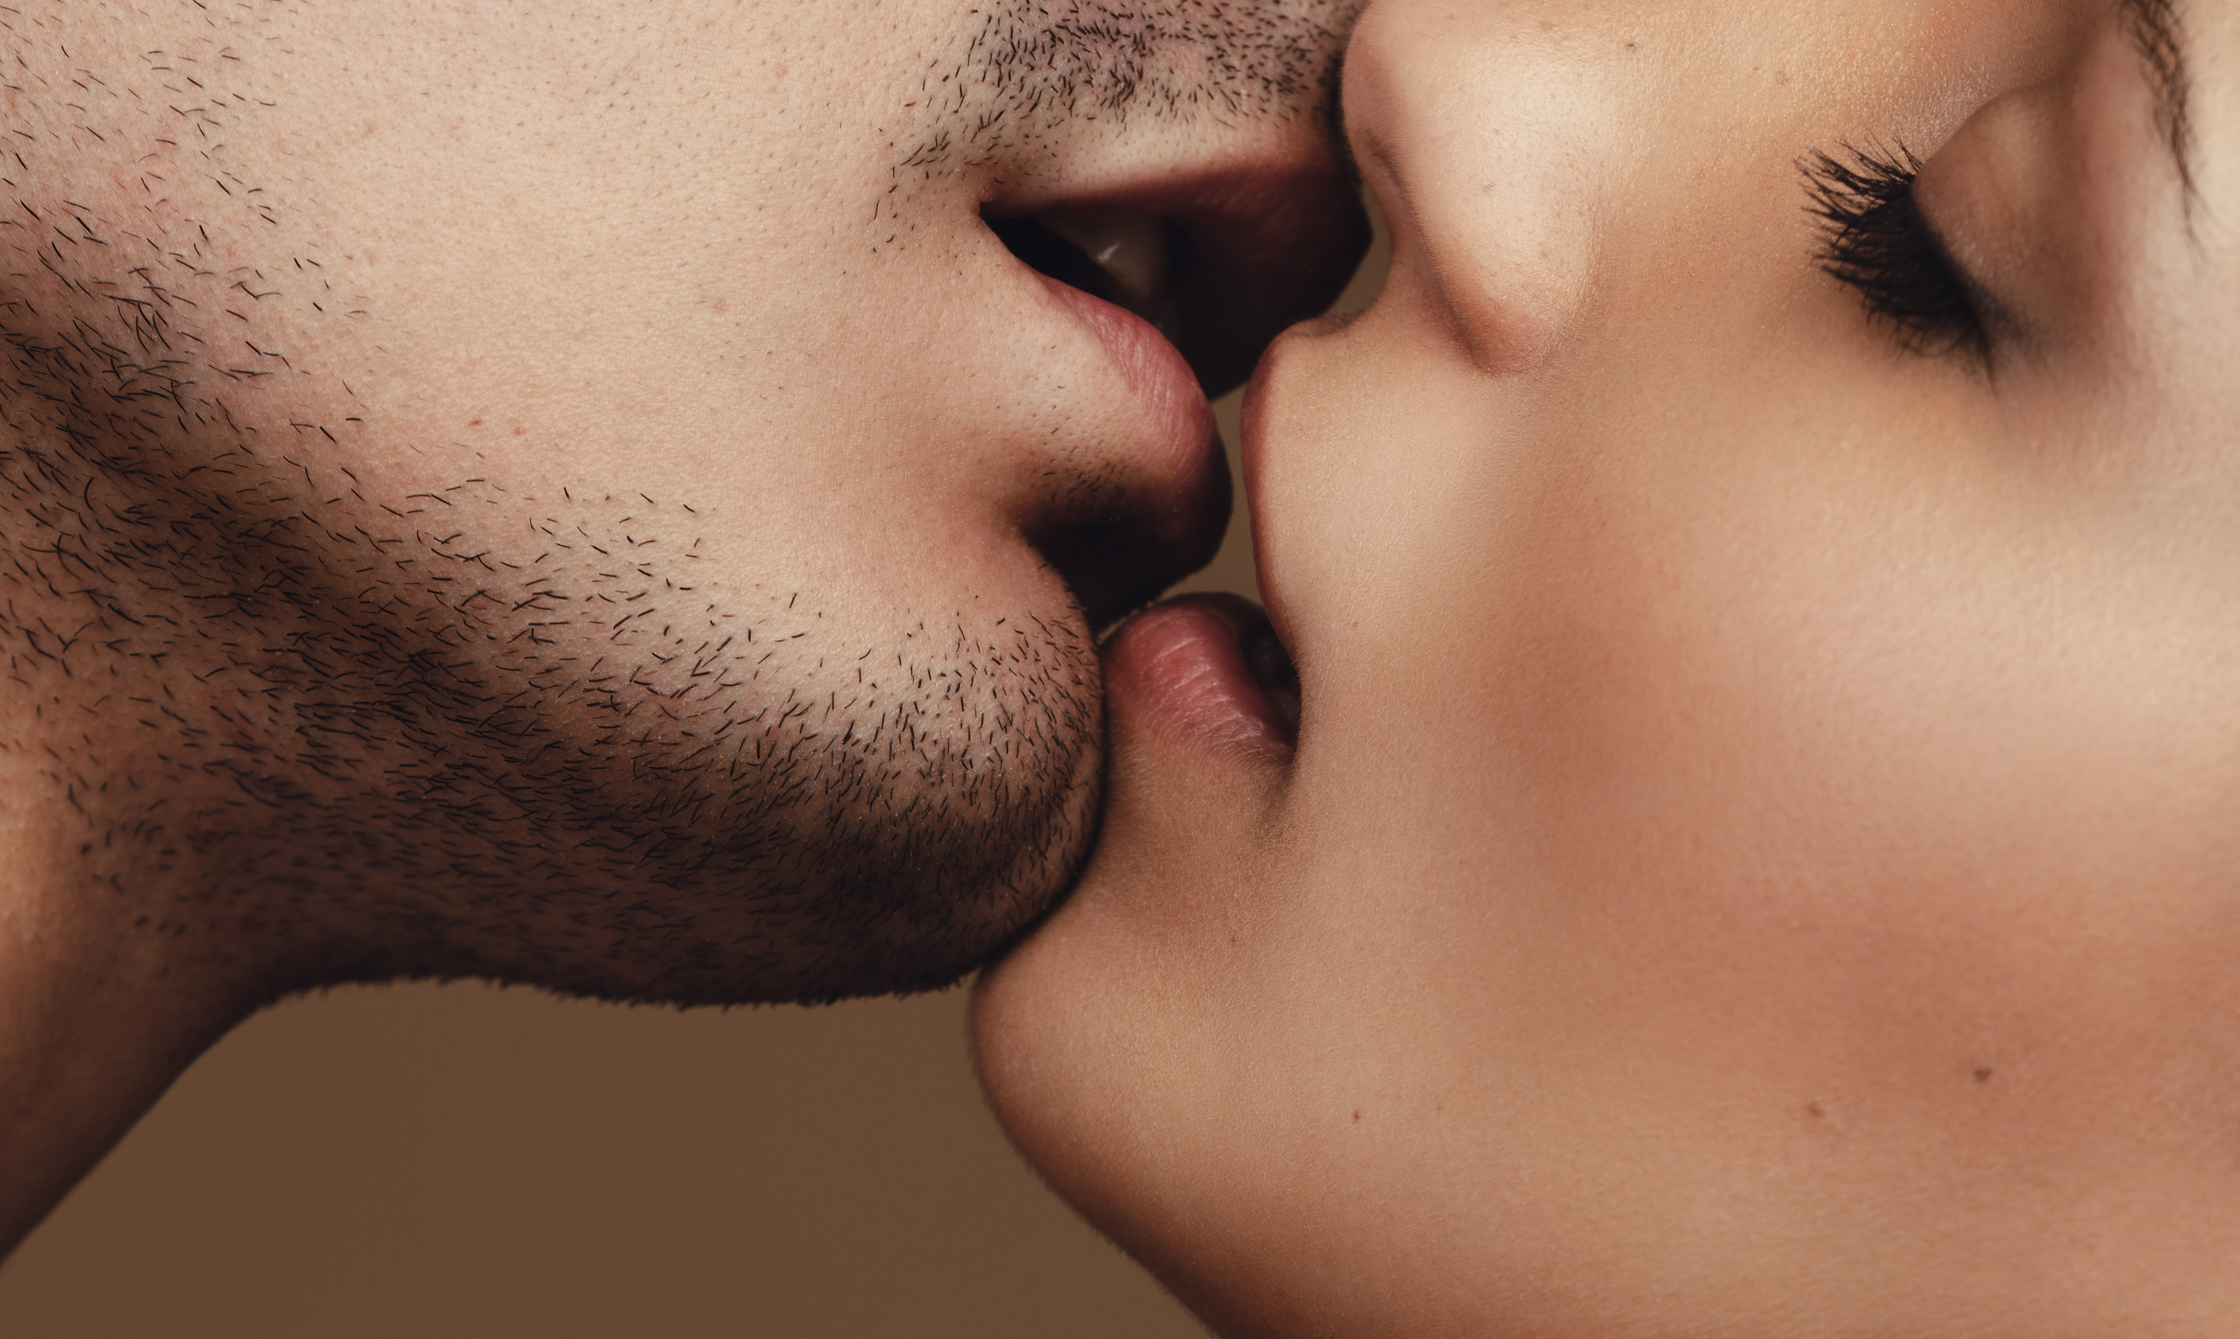 jak líbat randění jezebel dcera datování otce